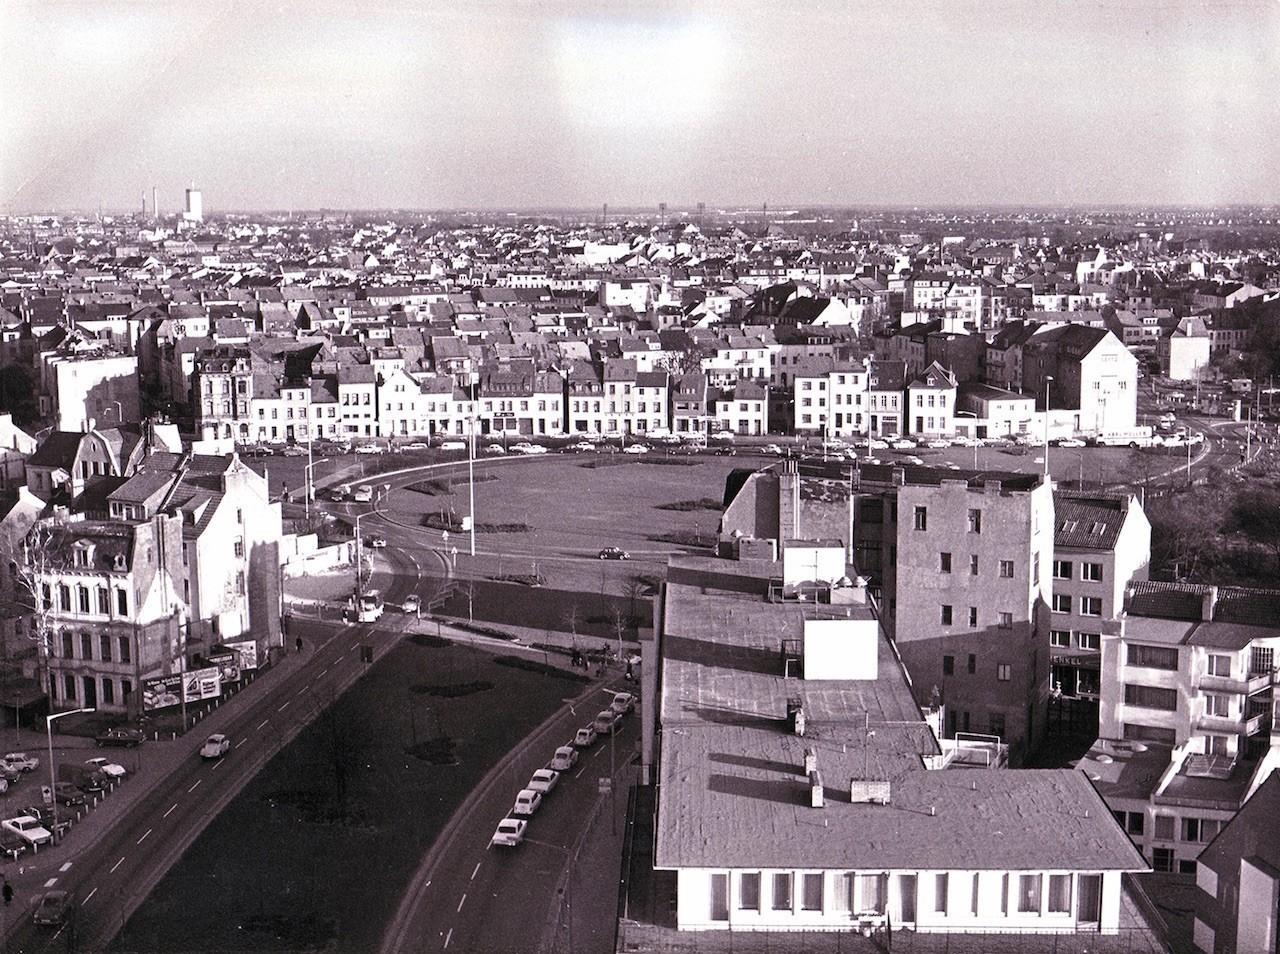 """Der """"freigeräumte"""" Rembertikreisel. Blick vom """"Neue Heimat-Hochhaus"""", das 1971 fertiggestellt wurde. Quelle: Bildarchiv des Bremer Zentrums für Baukultur – b.zb"""